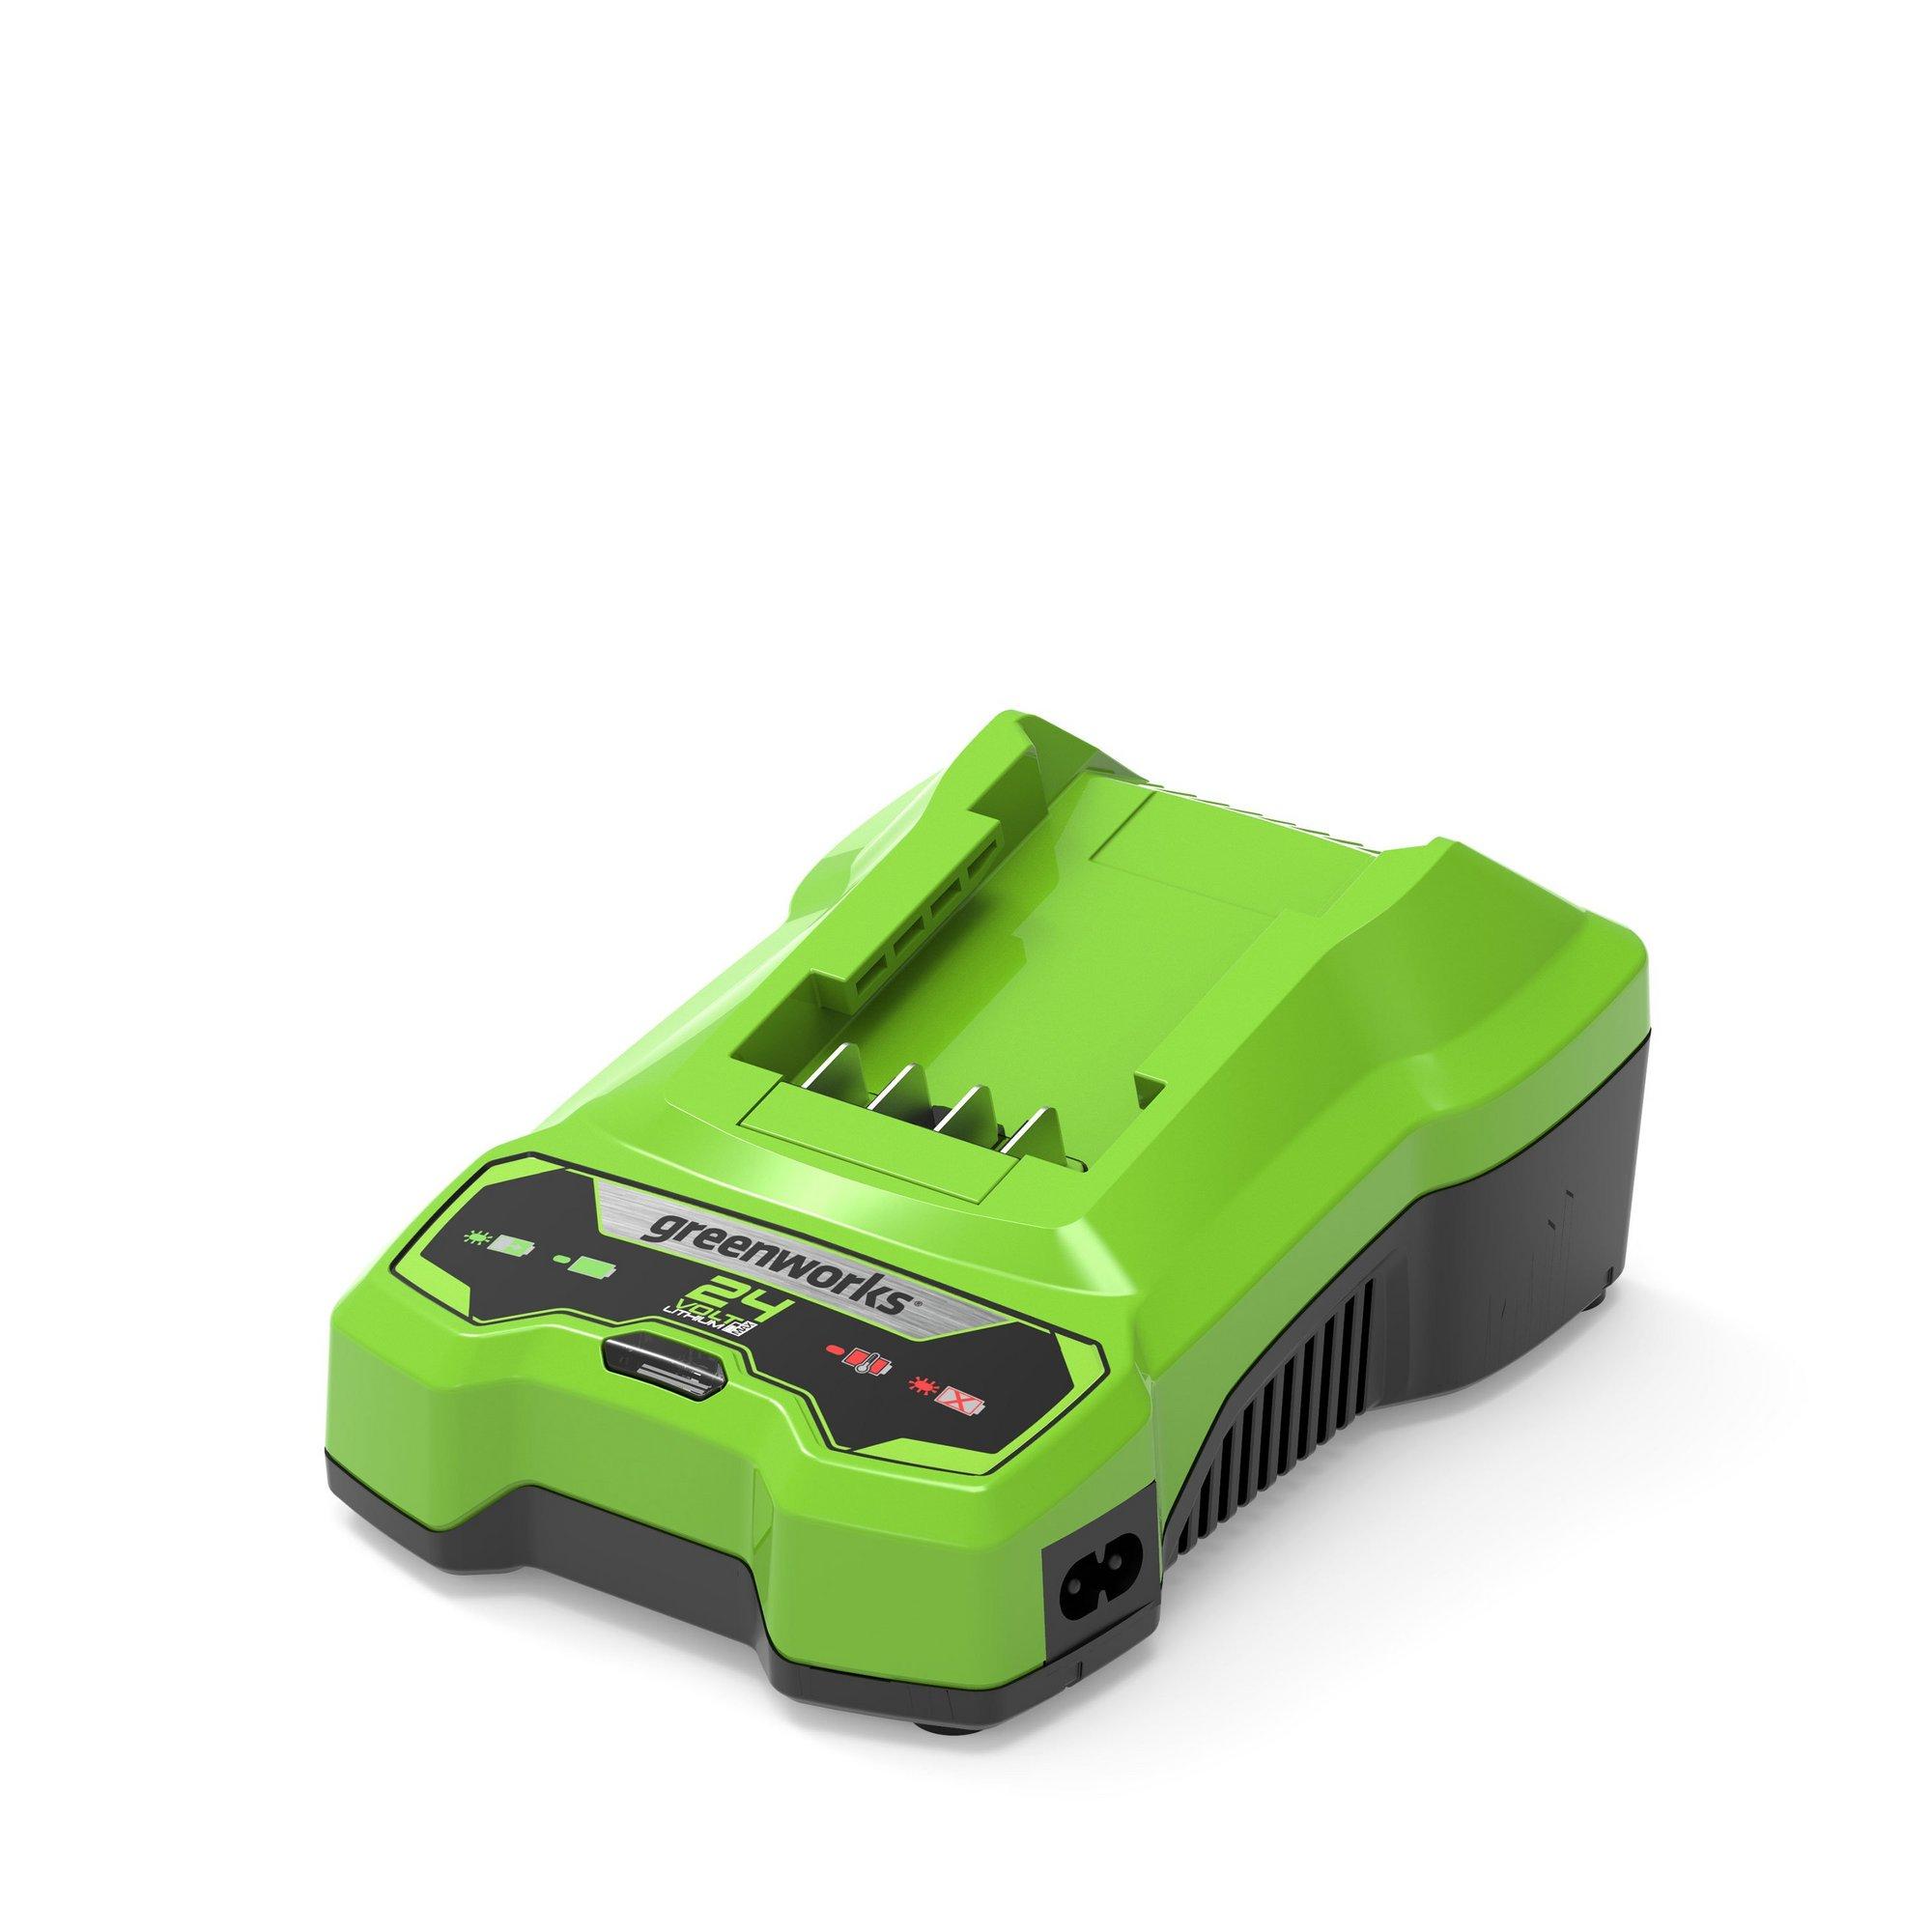 Image of Greenworks 24V 60min Battery Charger